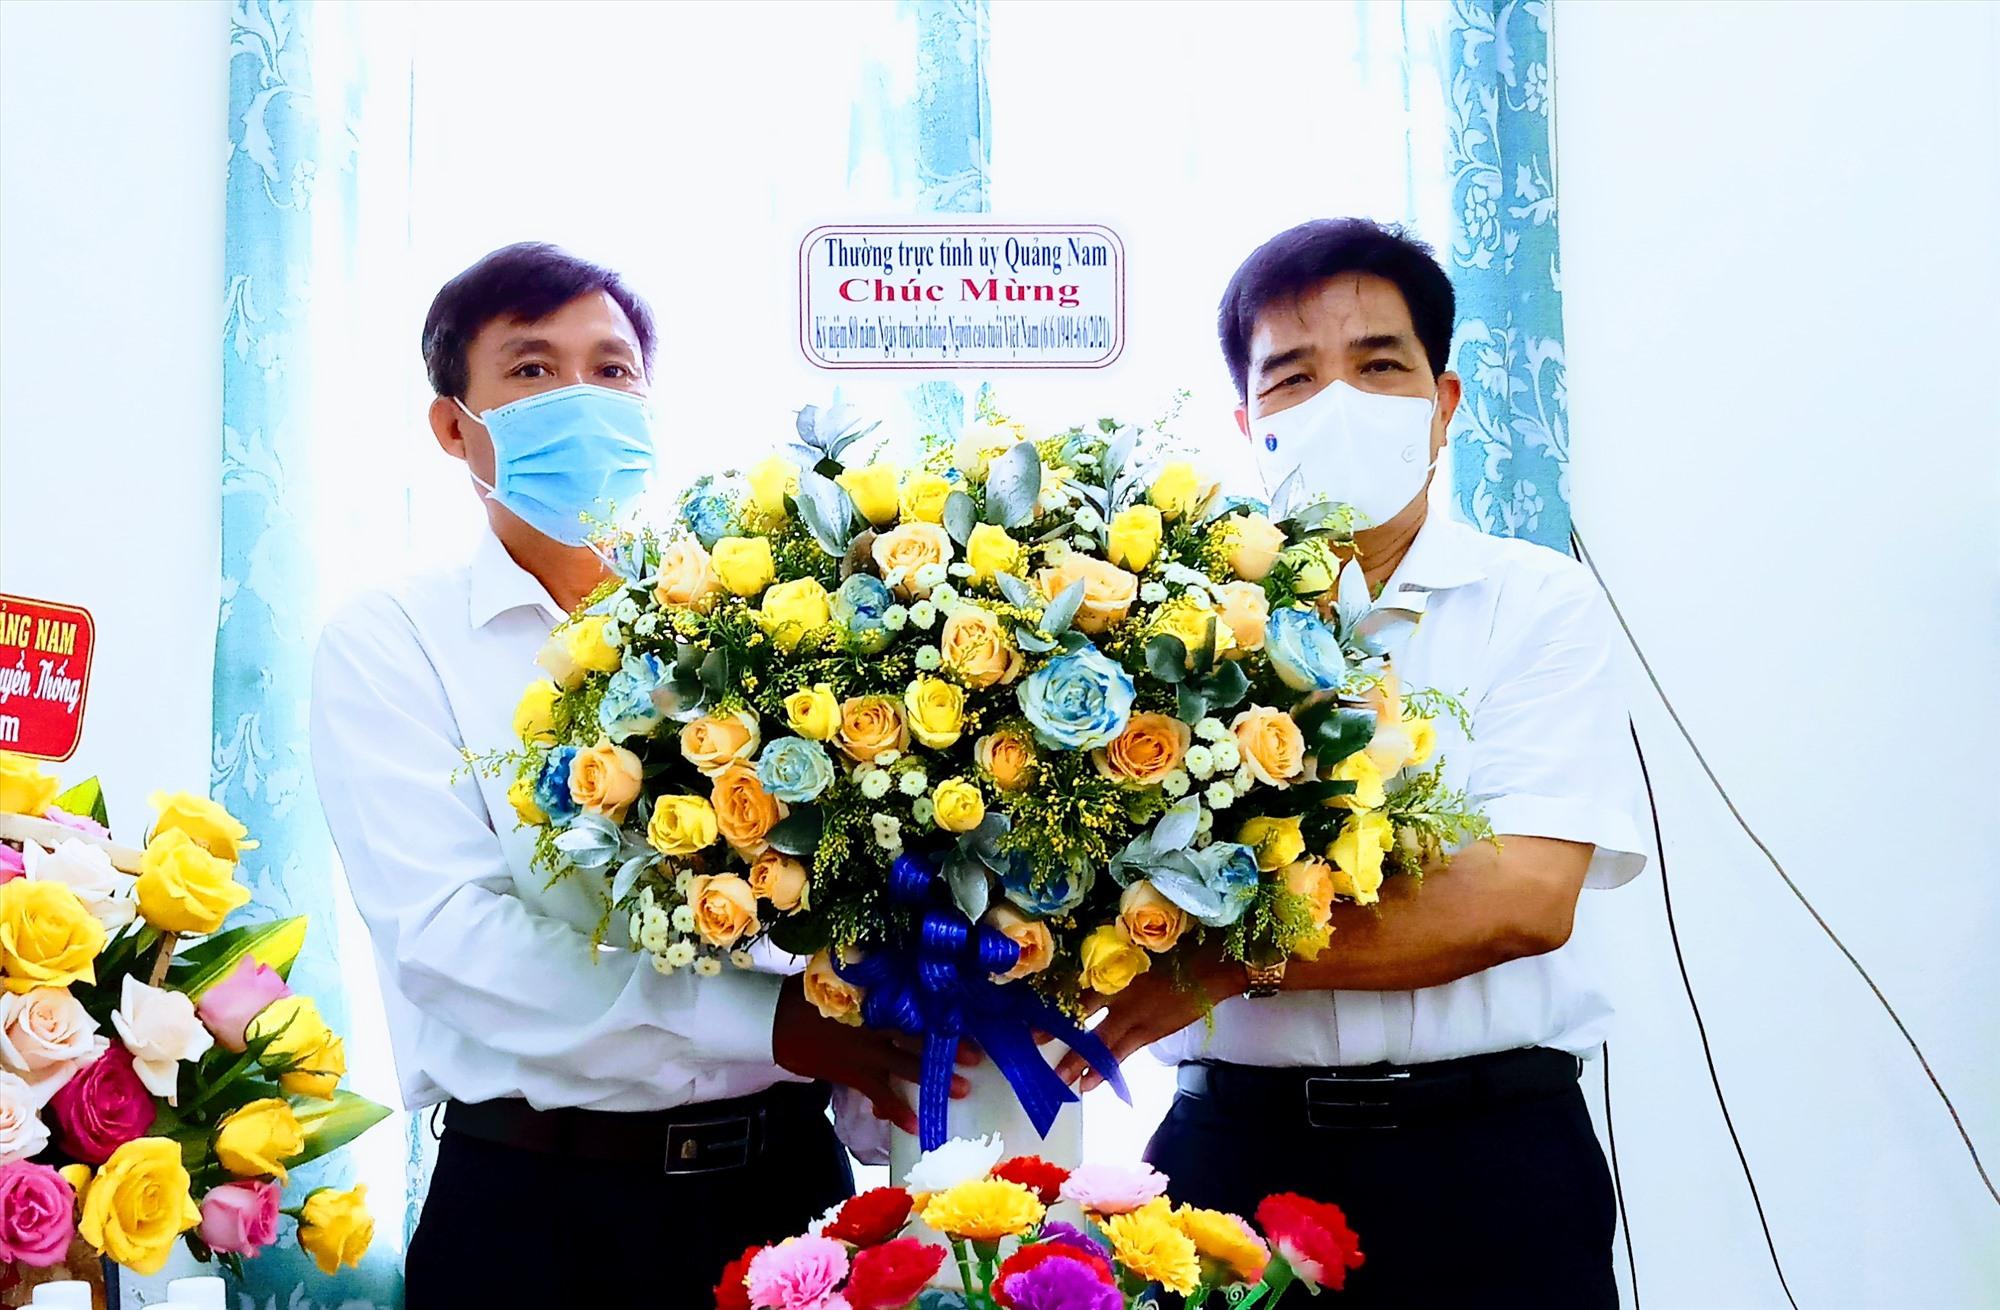 Phó Bí thư Thường trực Tỉnh ủy Lê Văn Dũng (bên phải) tặng hoa chúc mừng Ban đại diện Hội Người cao tuổi tỉnh nhân kỷ niệm 60 năm Ngày truyền thống Người cao tuổi Việt Nam. Ảnh: A.N